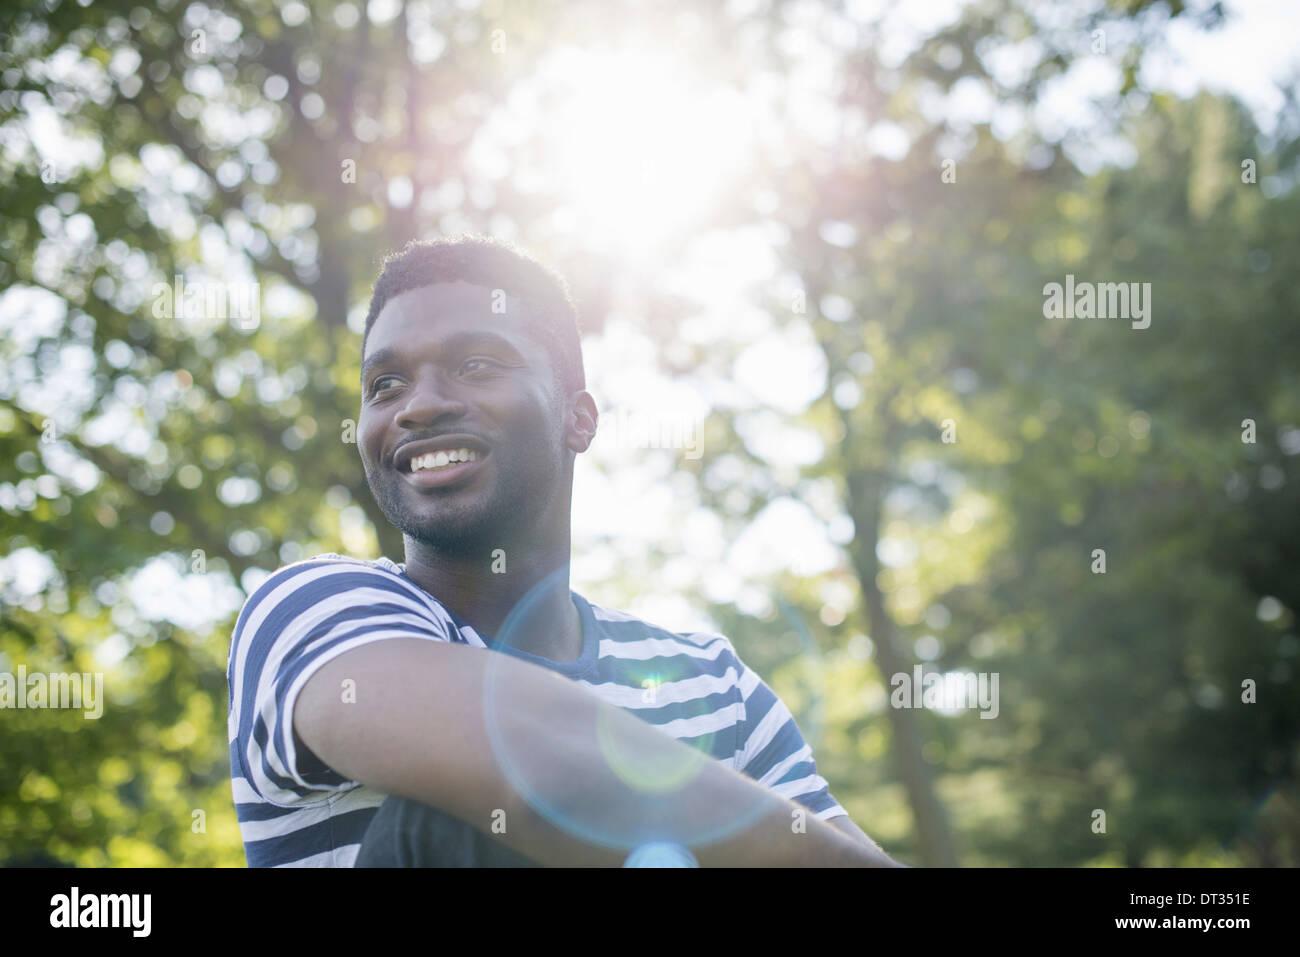 Un Uomo in camicia a righe sotto l'ombra degli alberi Immagini Stock